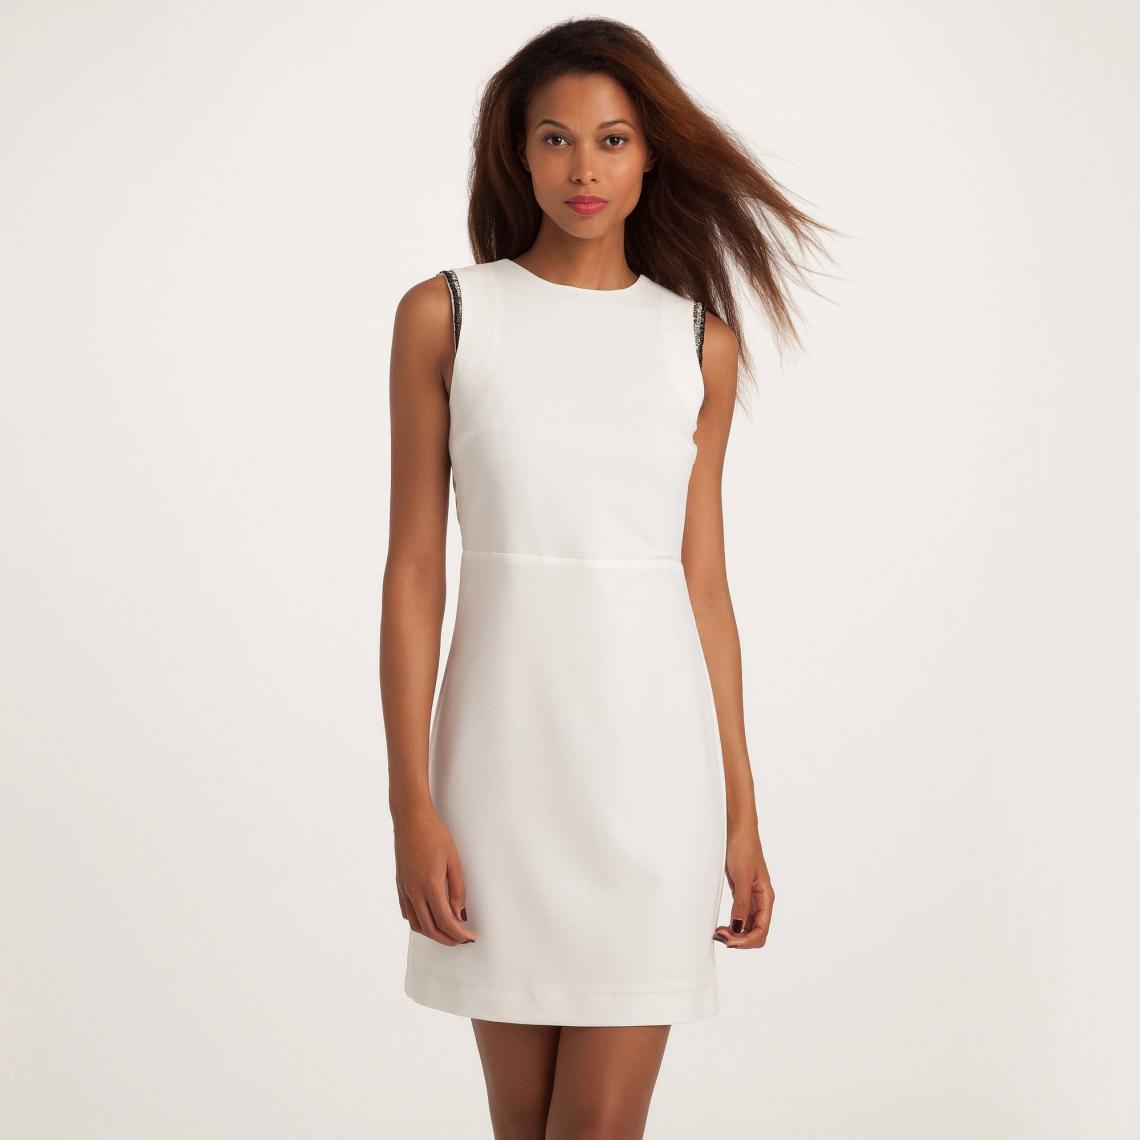 c22550016d4 Robe courte sans manche grand décolleté V au dos détails perlés femme 3  SUISSES Collection -